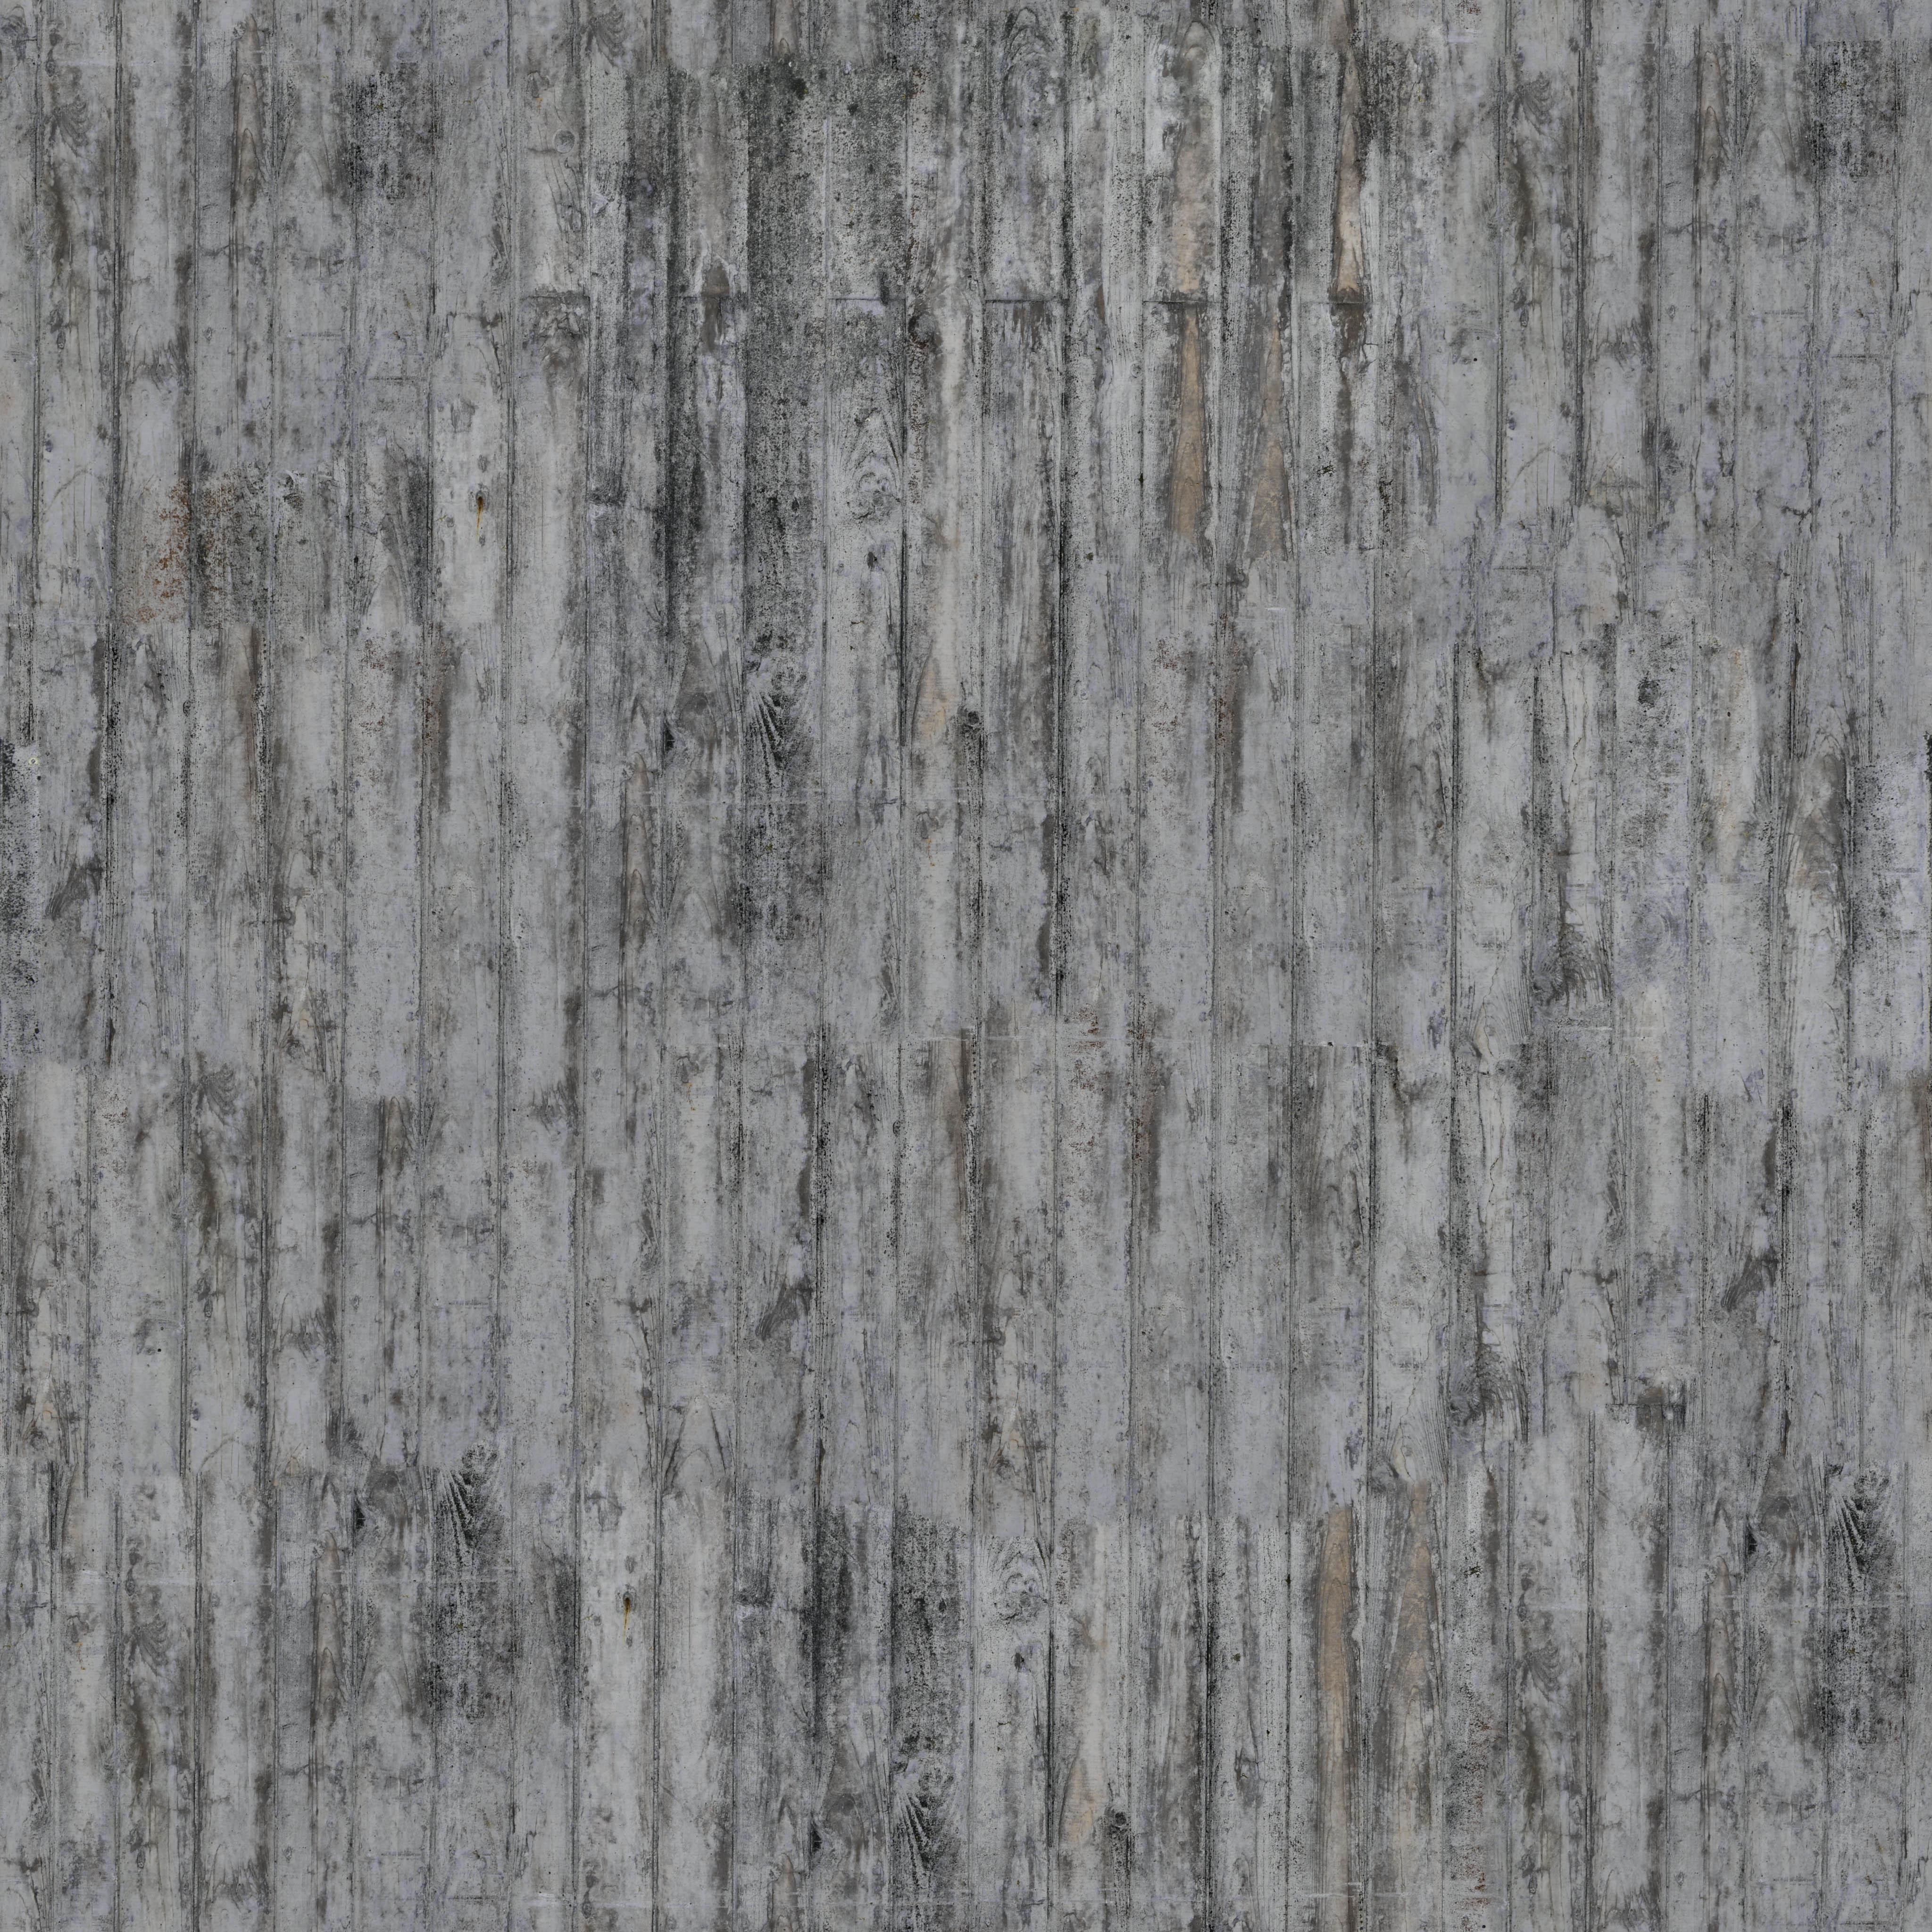 Patternpanda Concrete